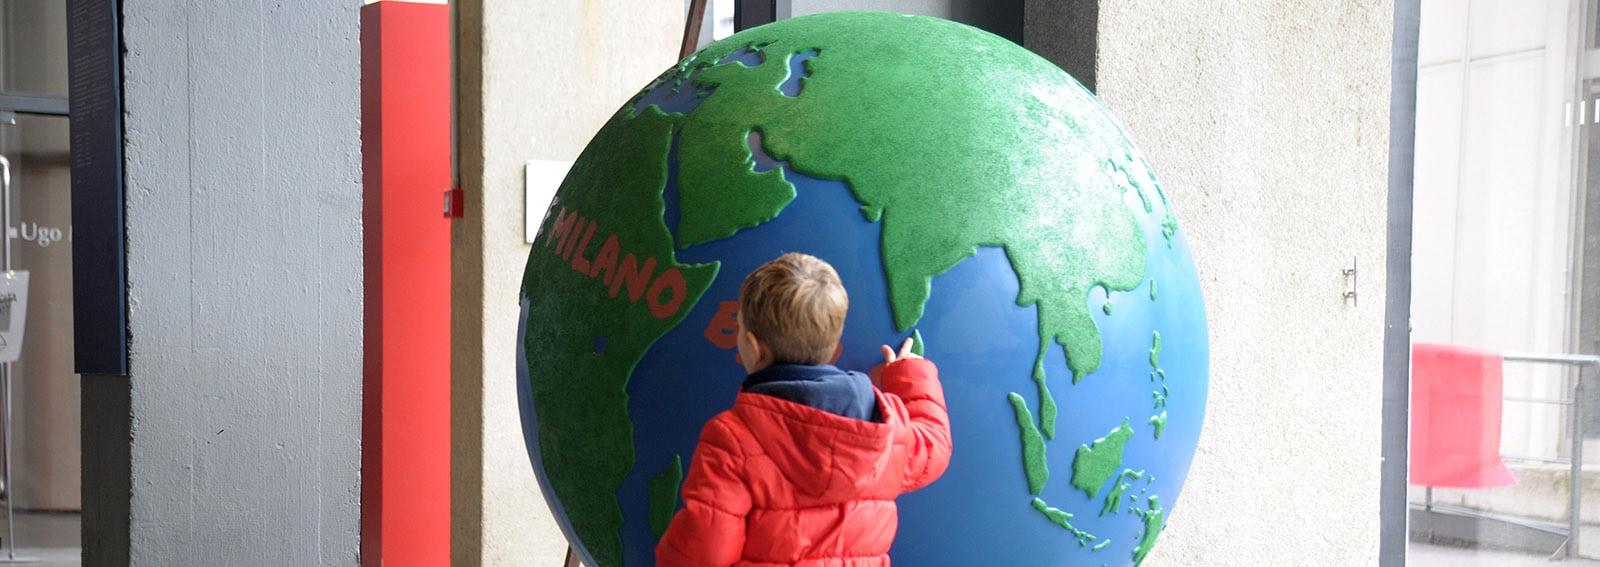 globi we planet 2